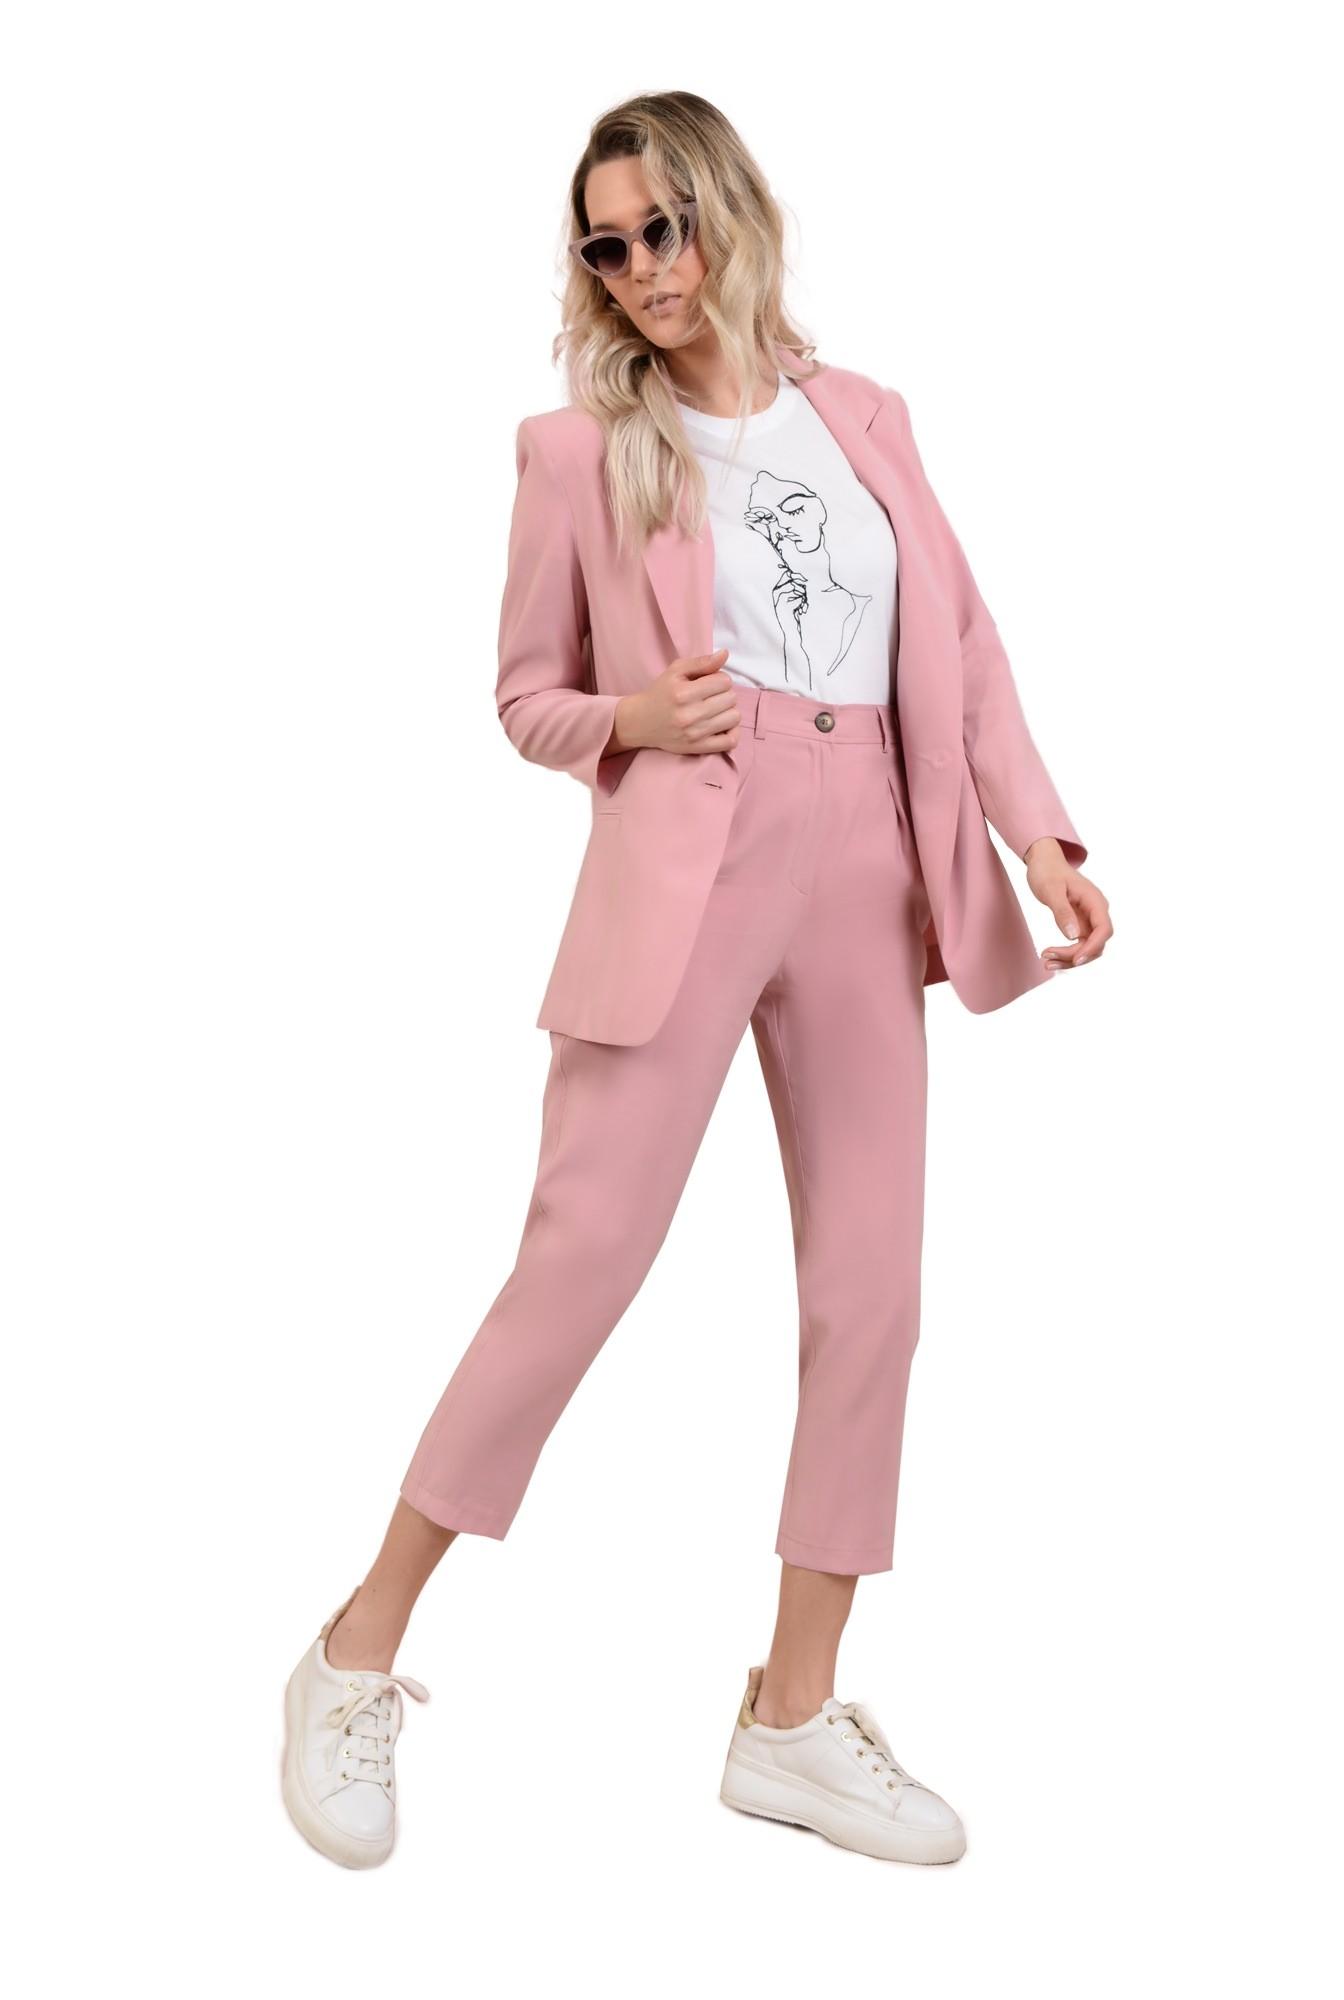 0 -  pantaloni casual, roz, conici, cu pense, cu buzunare